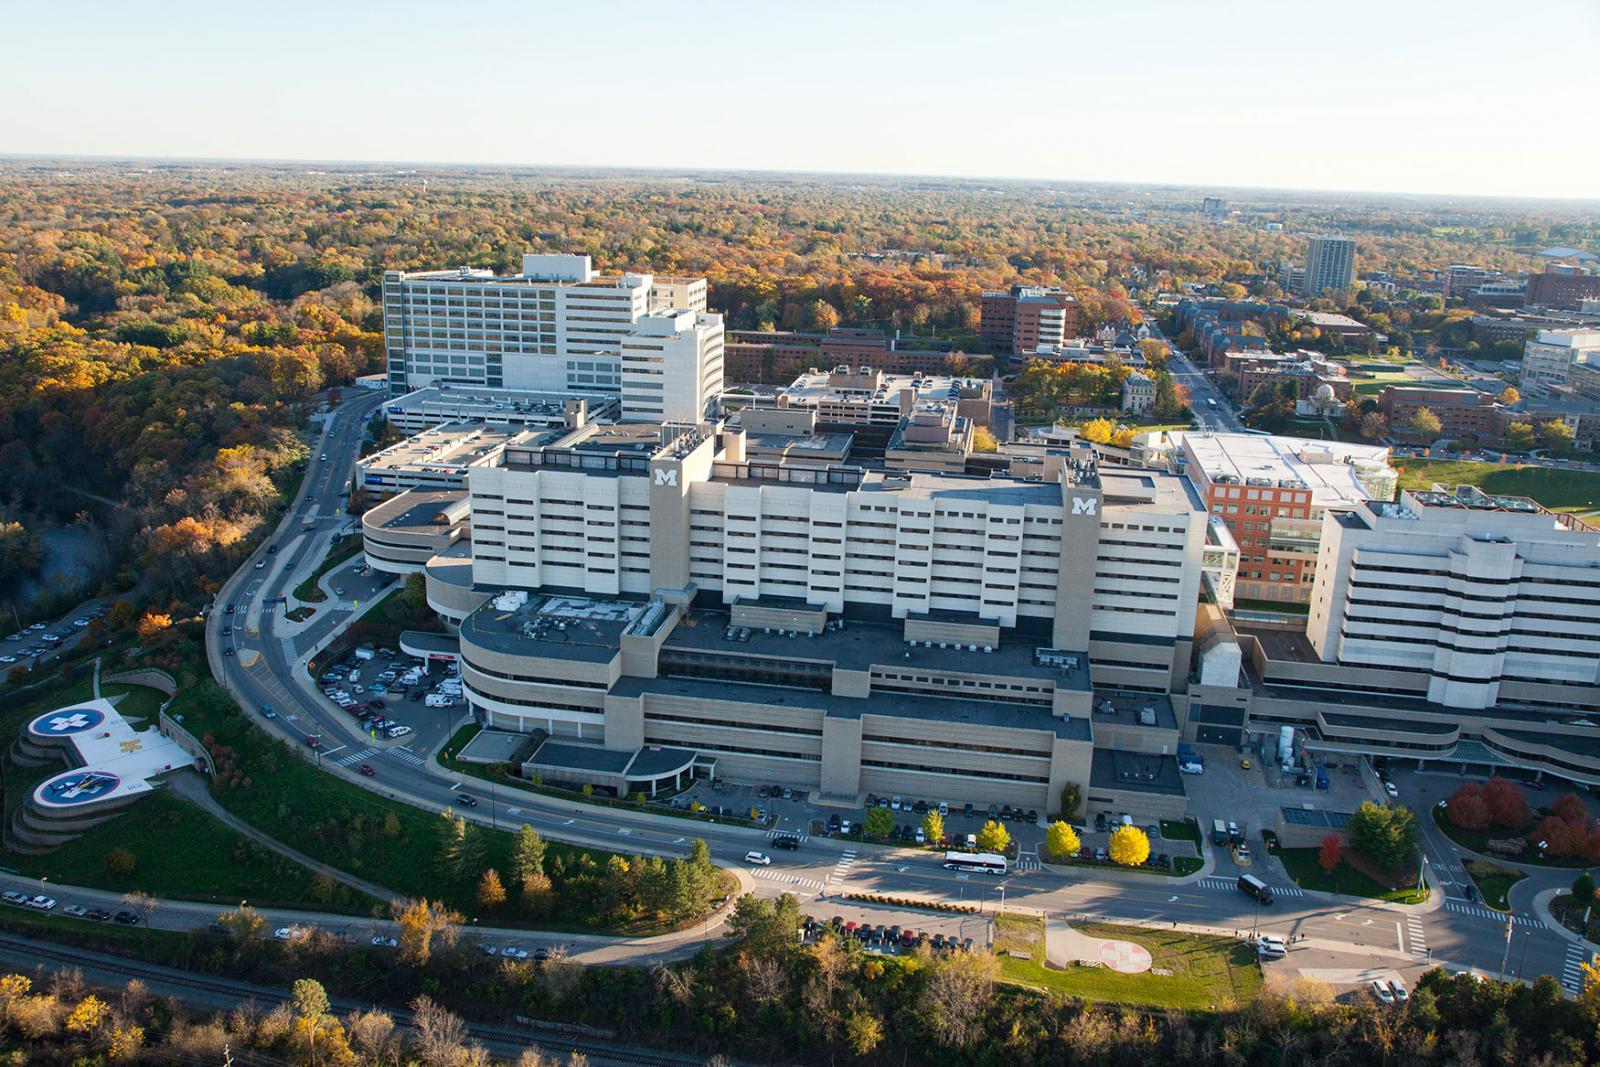 Aerial Photo Of U M Medical Campus